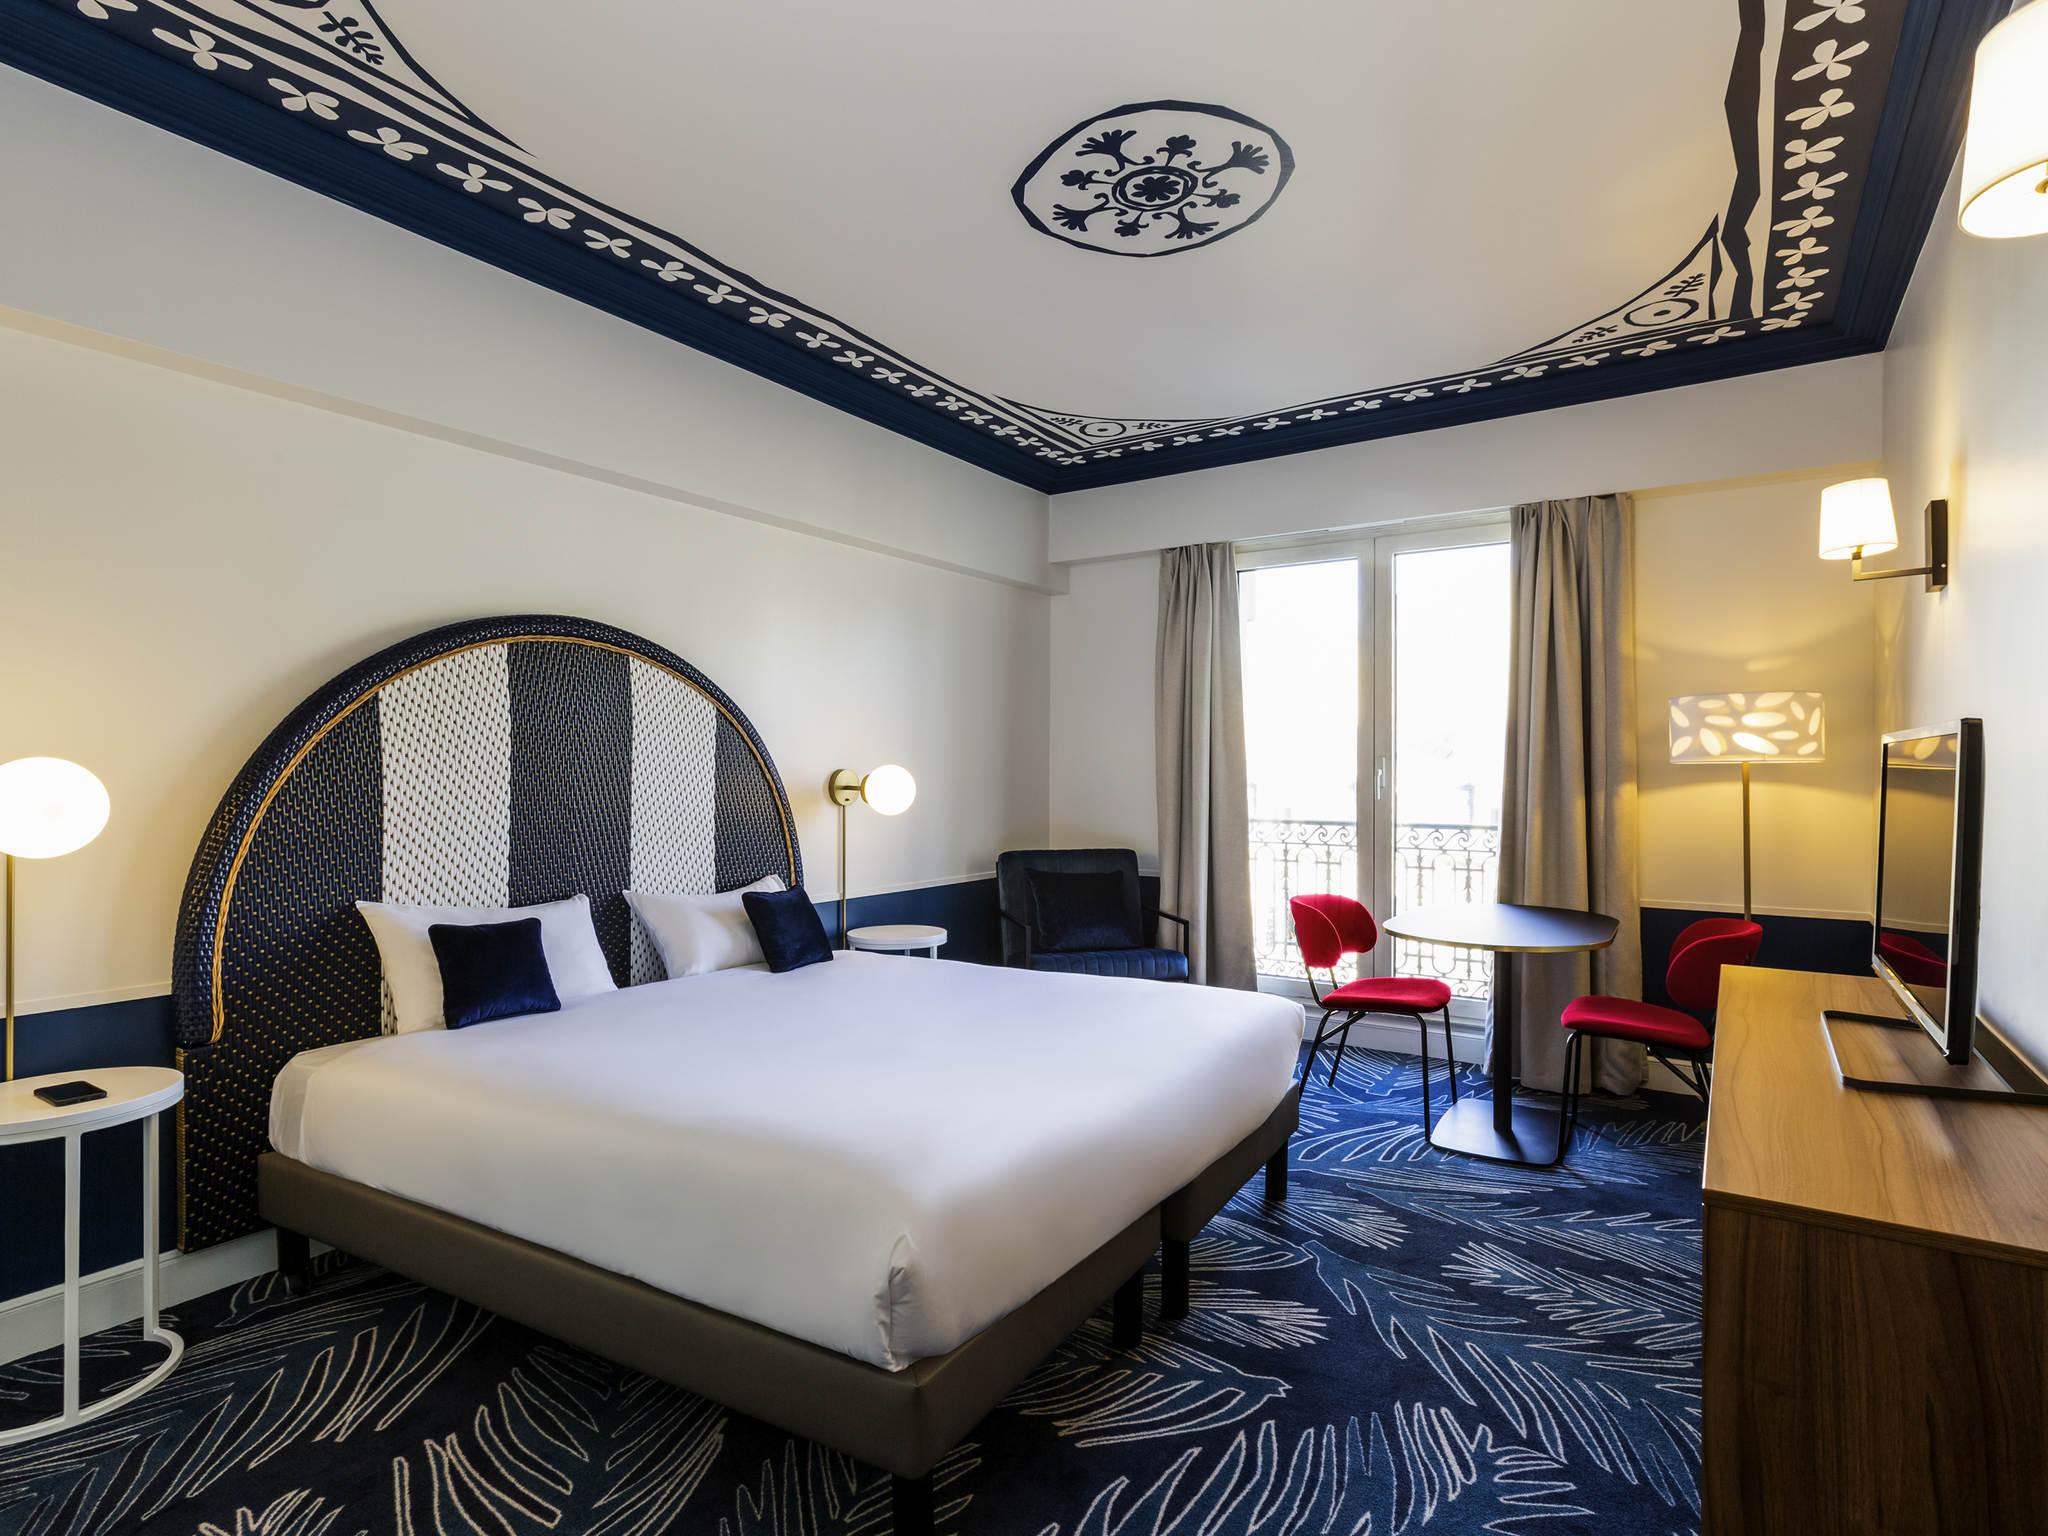 Hotel – Aparthotel Adagio Paris Haussmann